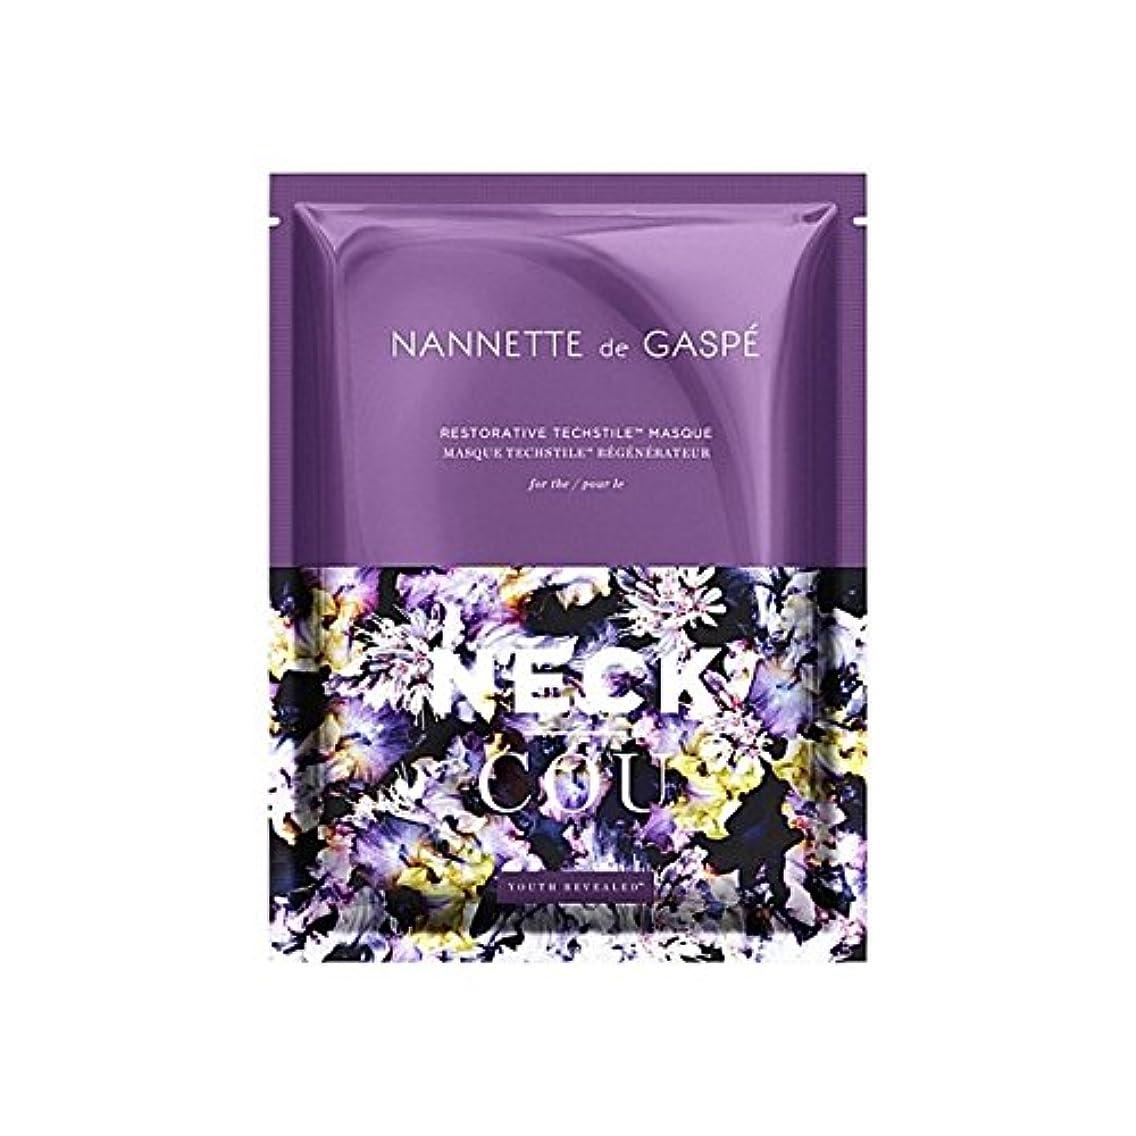 説明する釈義ゆりNannette De Gaspe Restorative Techstile Neck Masque (Pack of 6) - デガスペ修復首の仮面劇 x6 [並行輸入品]